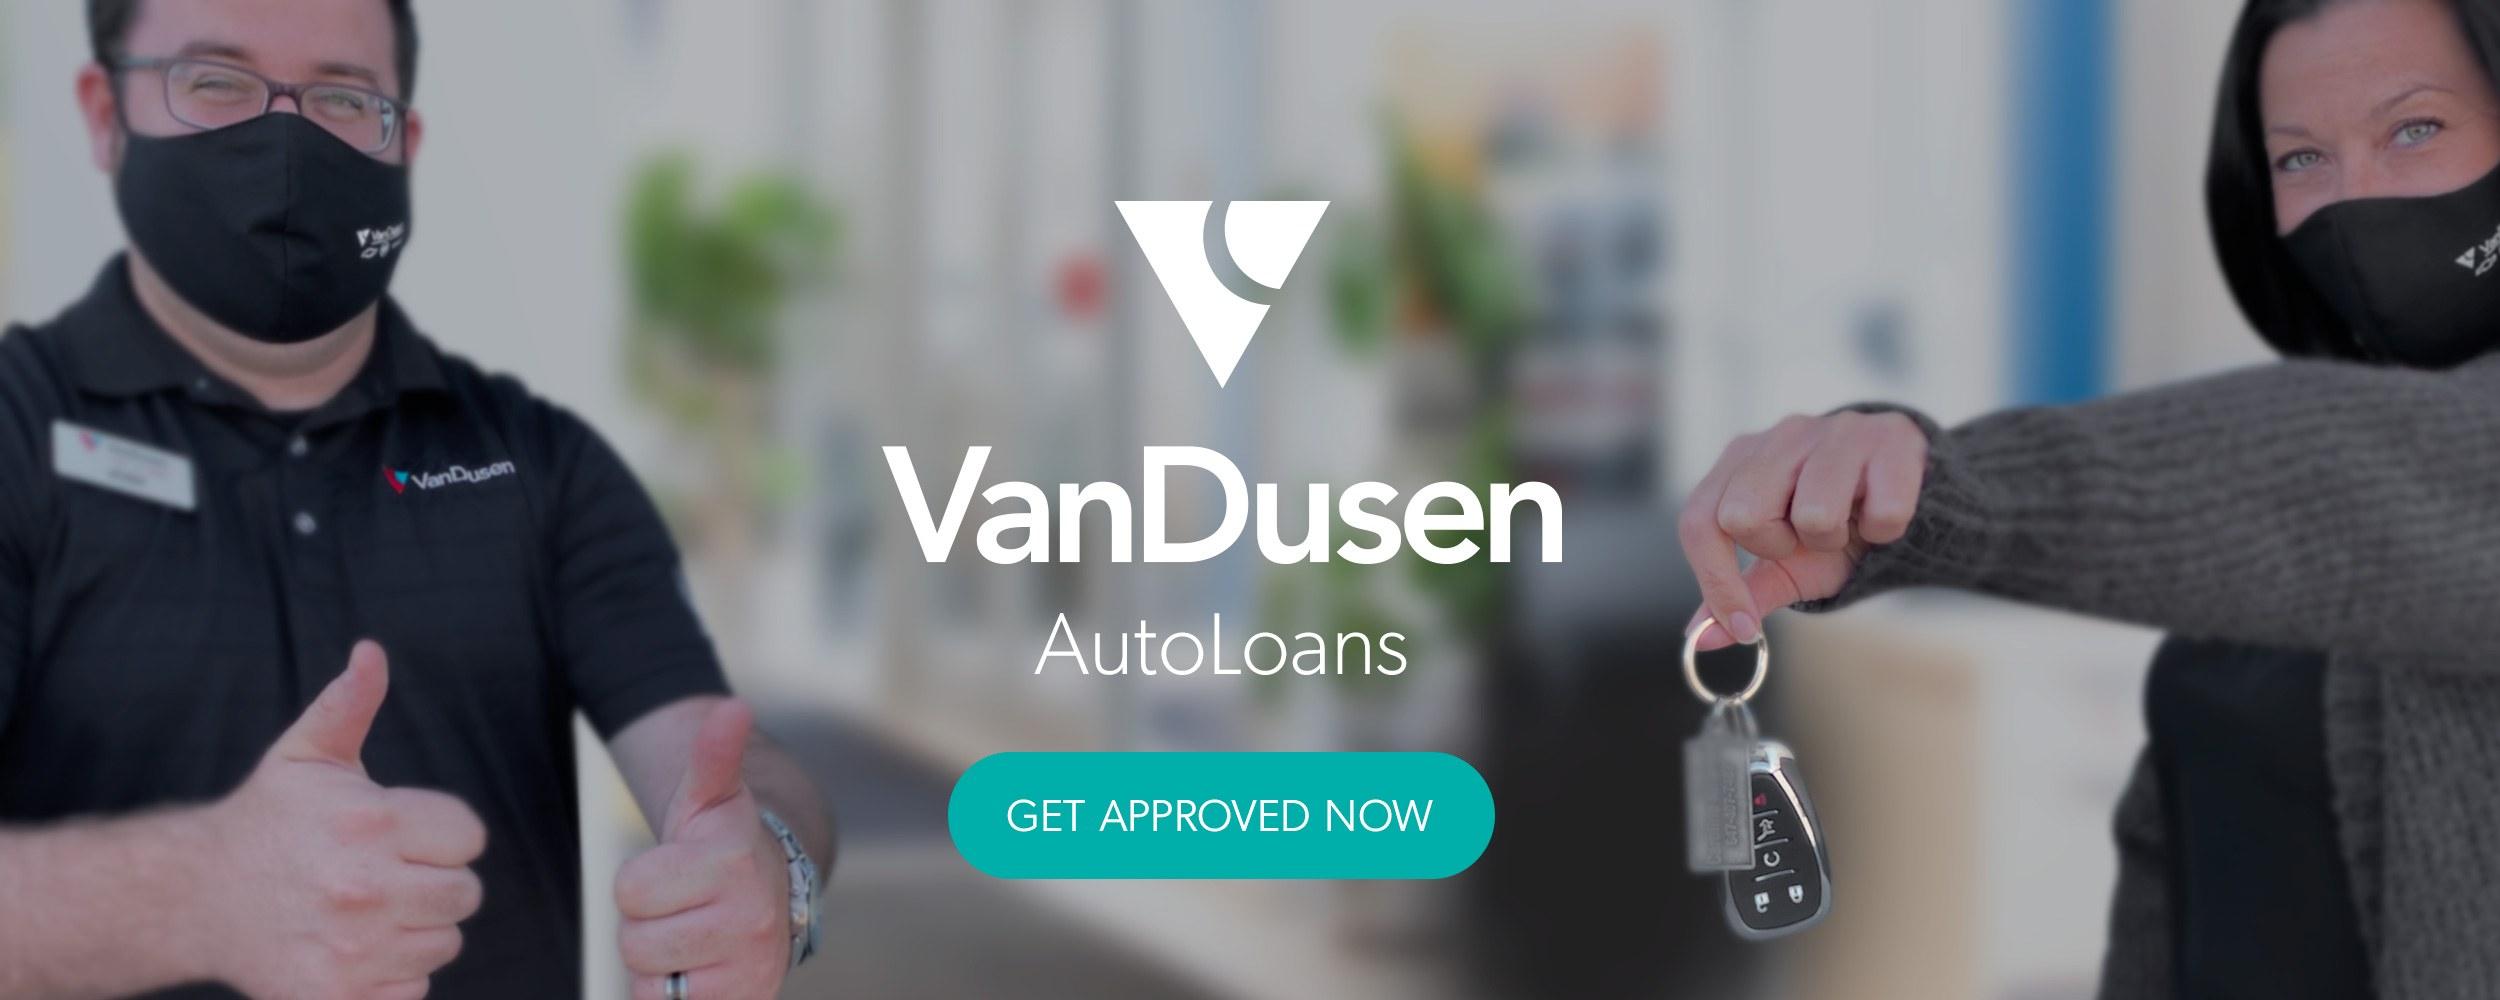 VanDusen AutoLoans